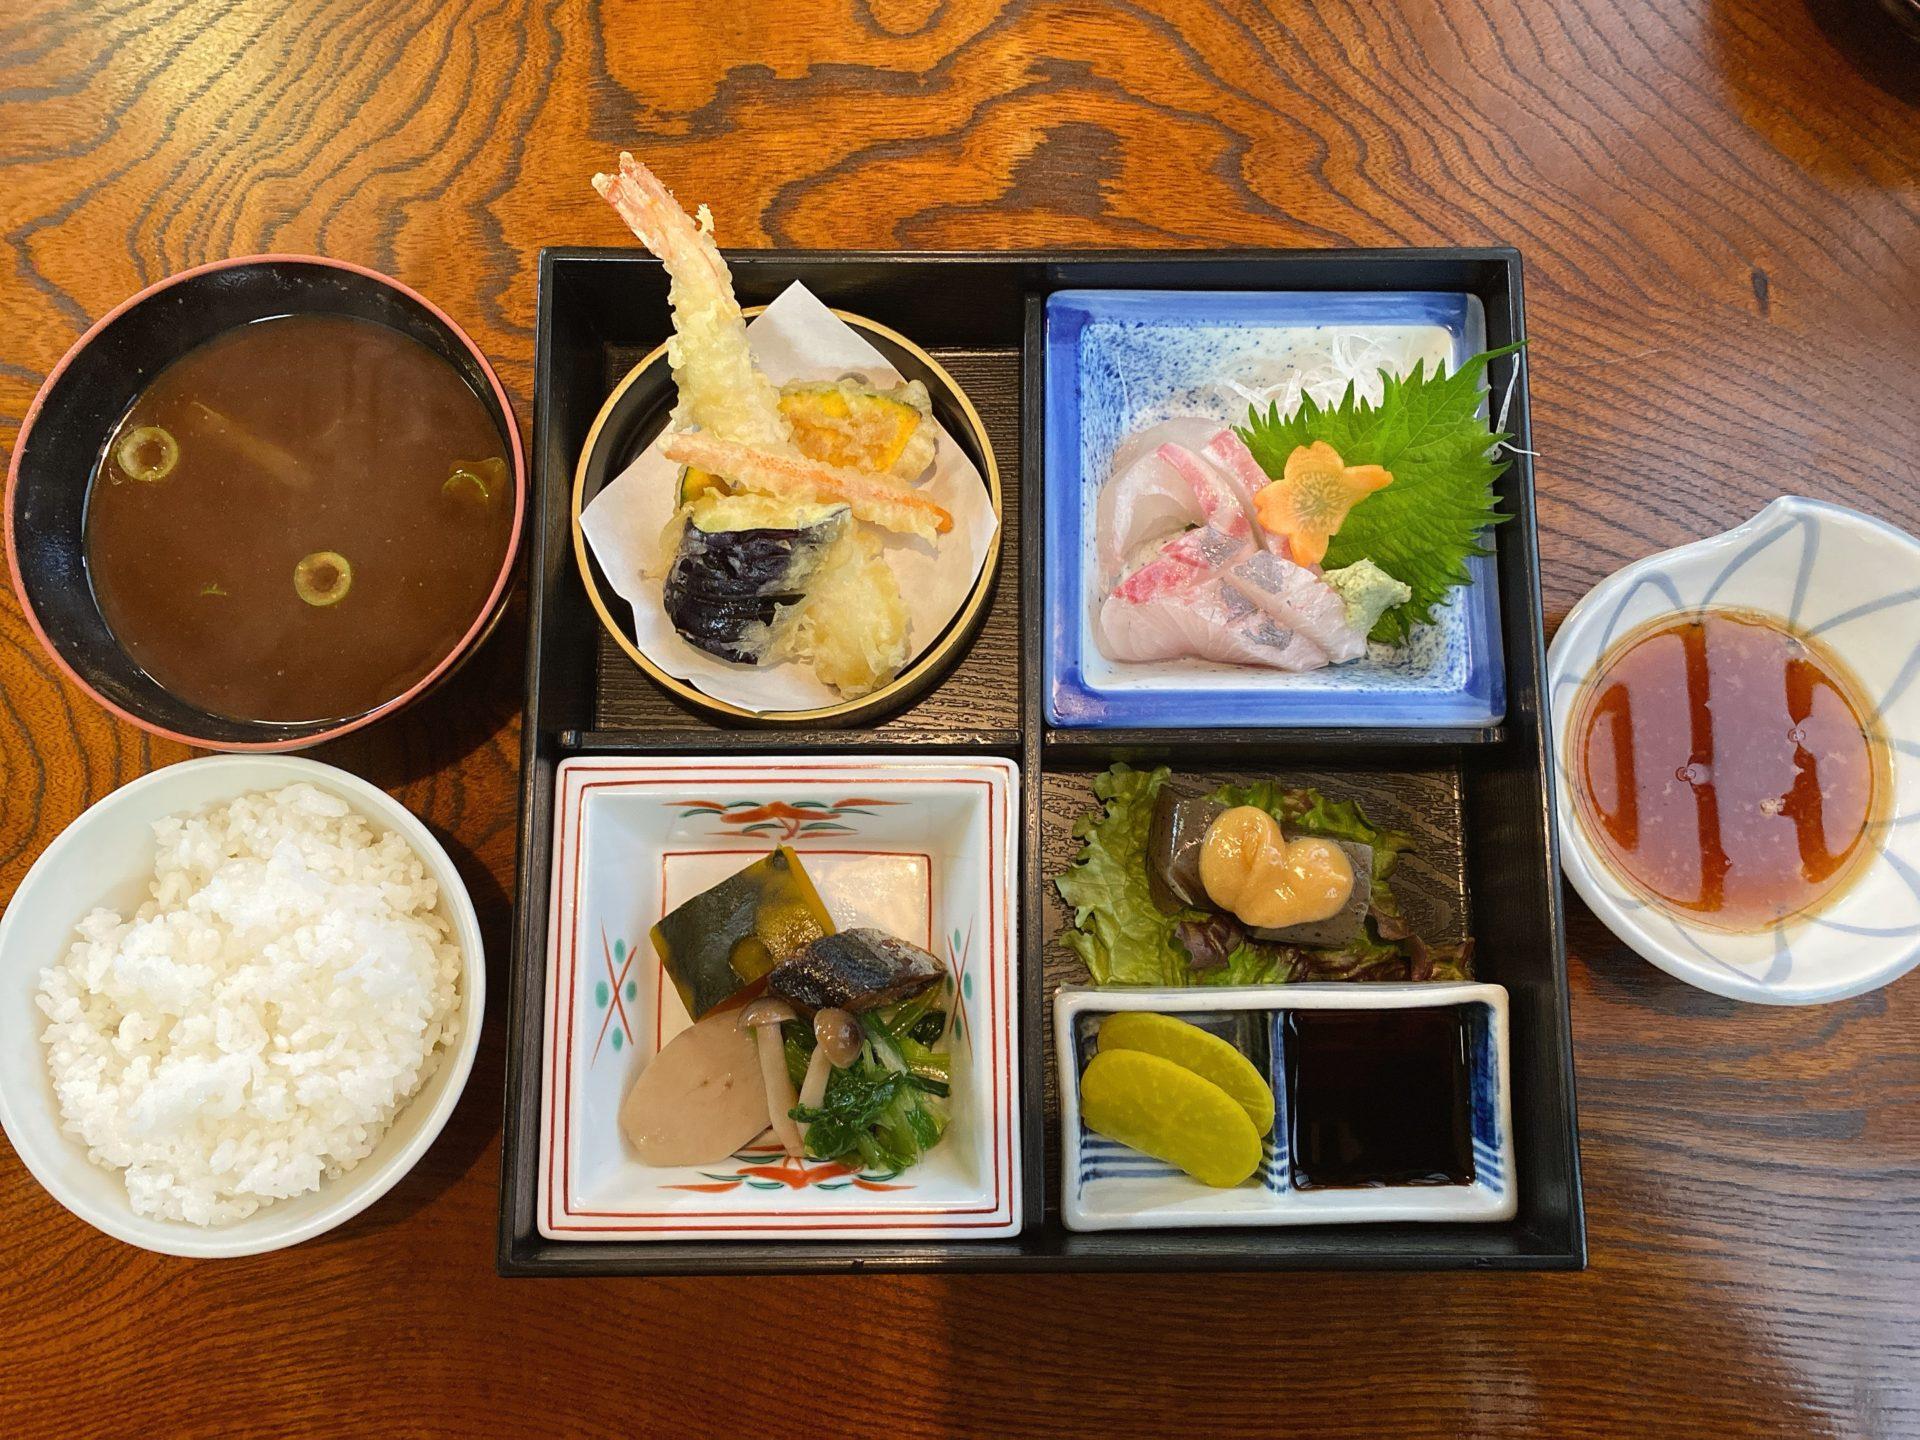 大多羅駅から車で5分 老舗の和食・割烹の店、路薙(みちなぎ)での初ランチは 松花堂弁当!評判通りの刺身や天ぷらに舌鼓